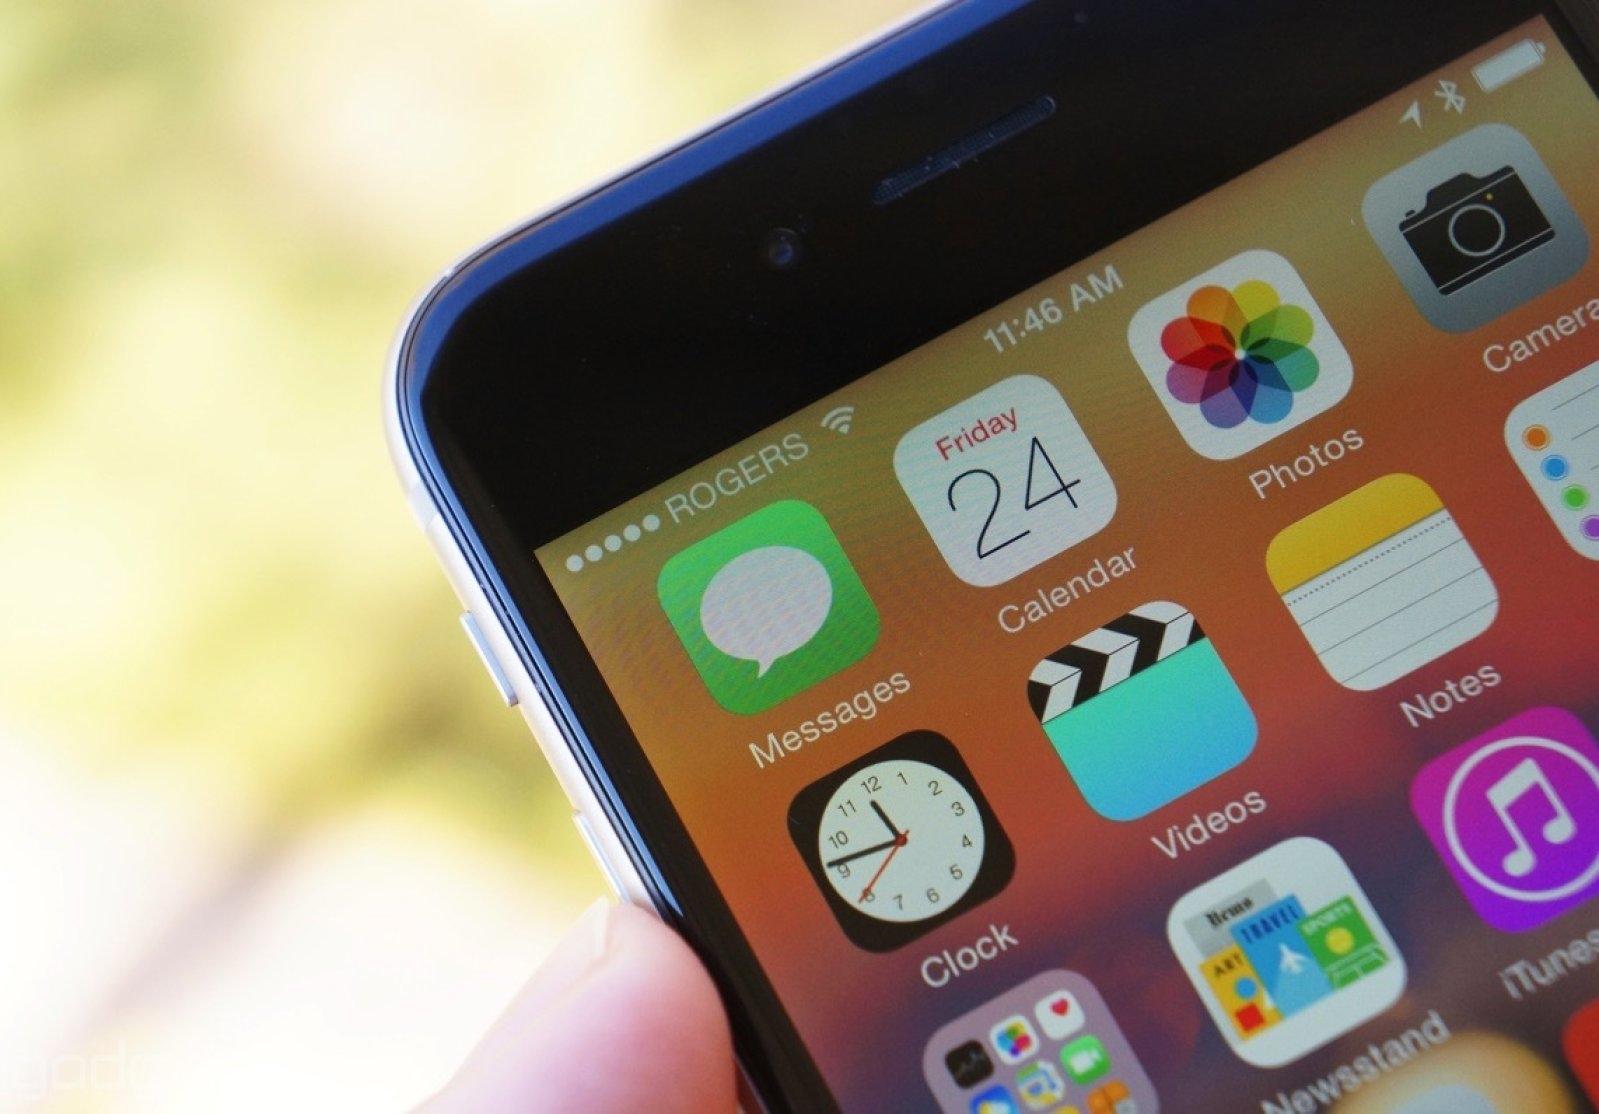 一个字元就让苹果产品 OS 挂掉,苹果将推出更新解决